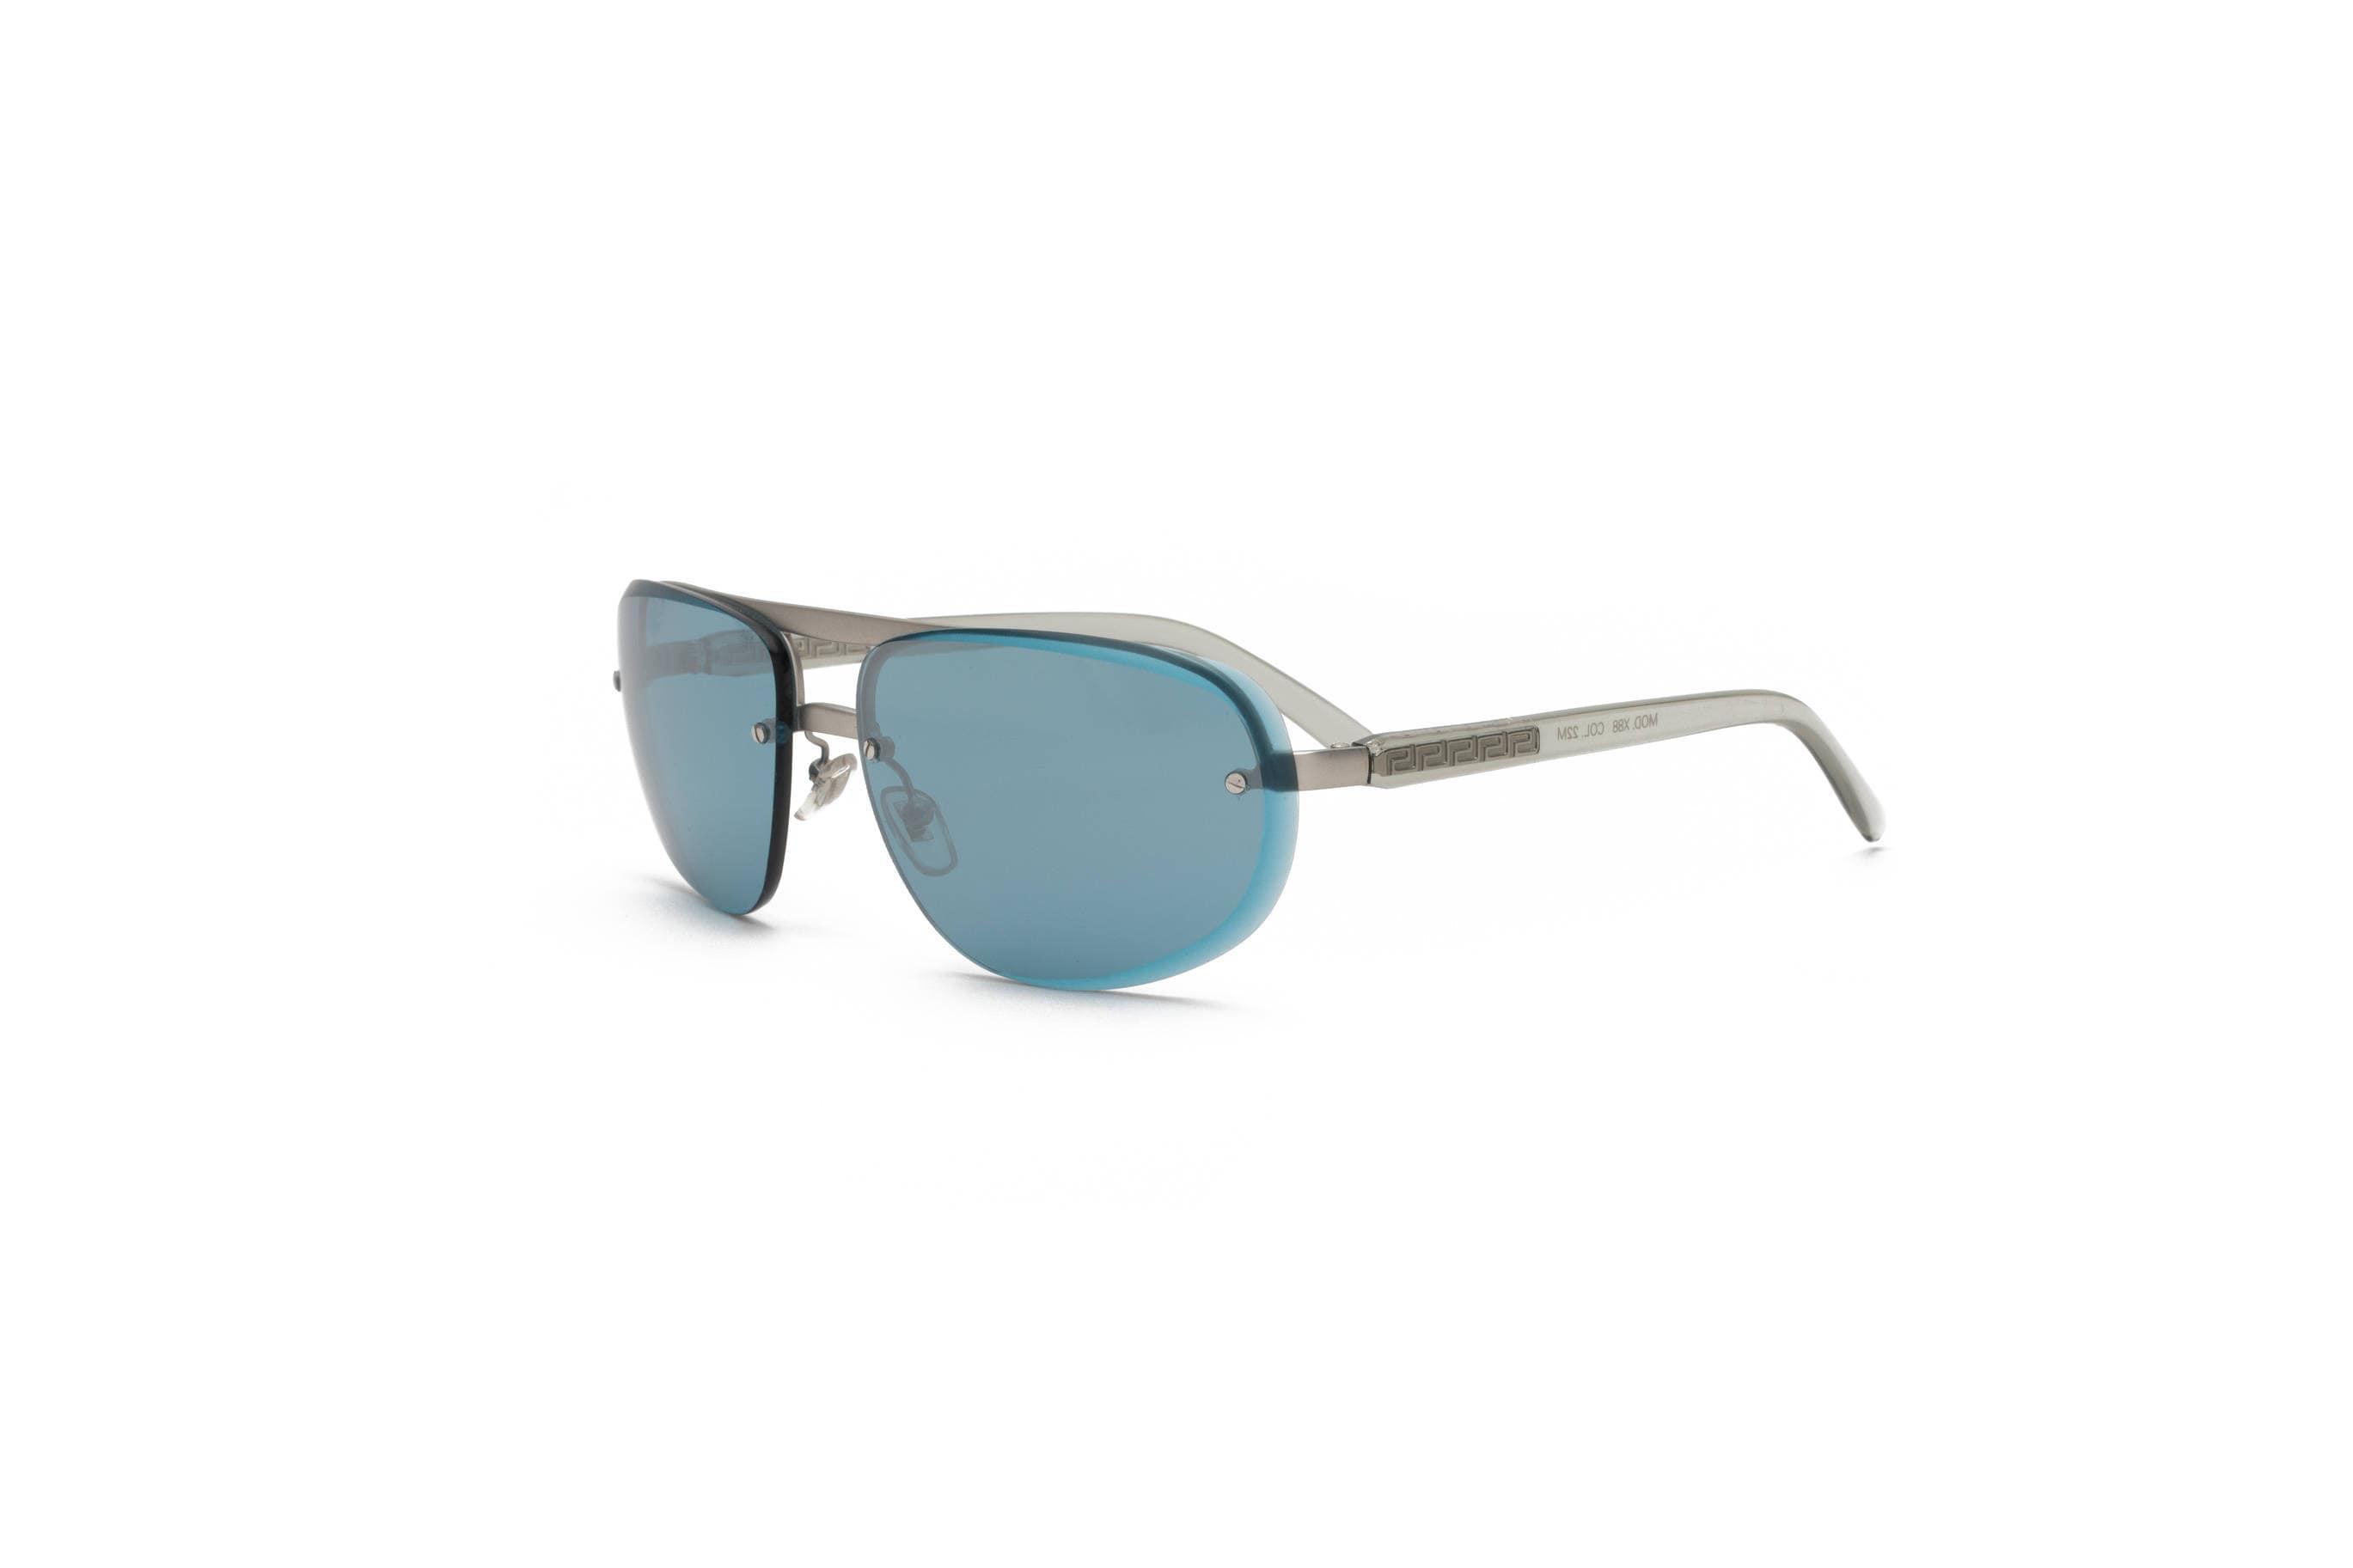 Versace Sonnenbrille X 88 22M Gianni Versace Brillen blau